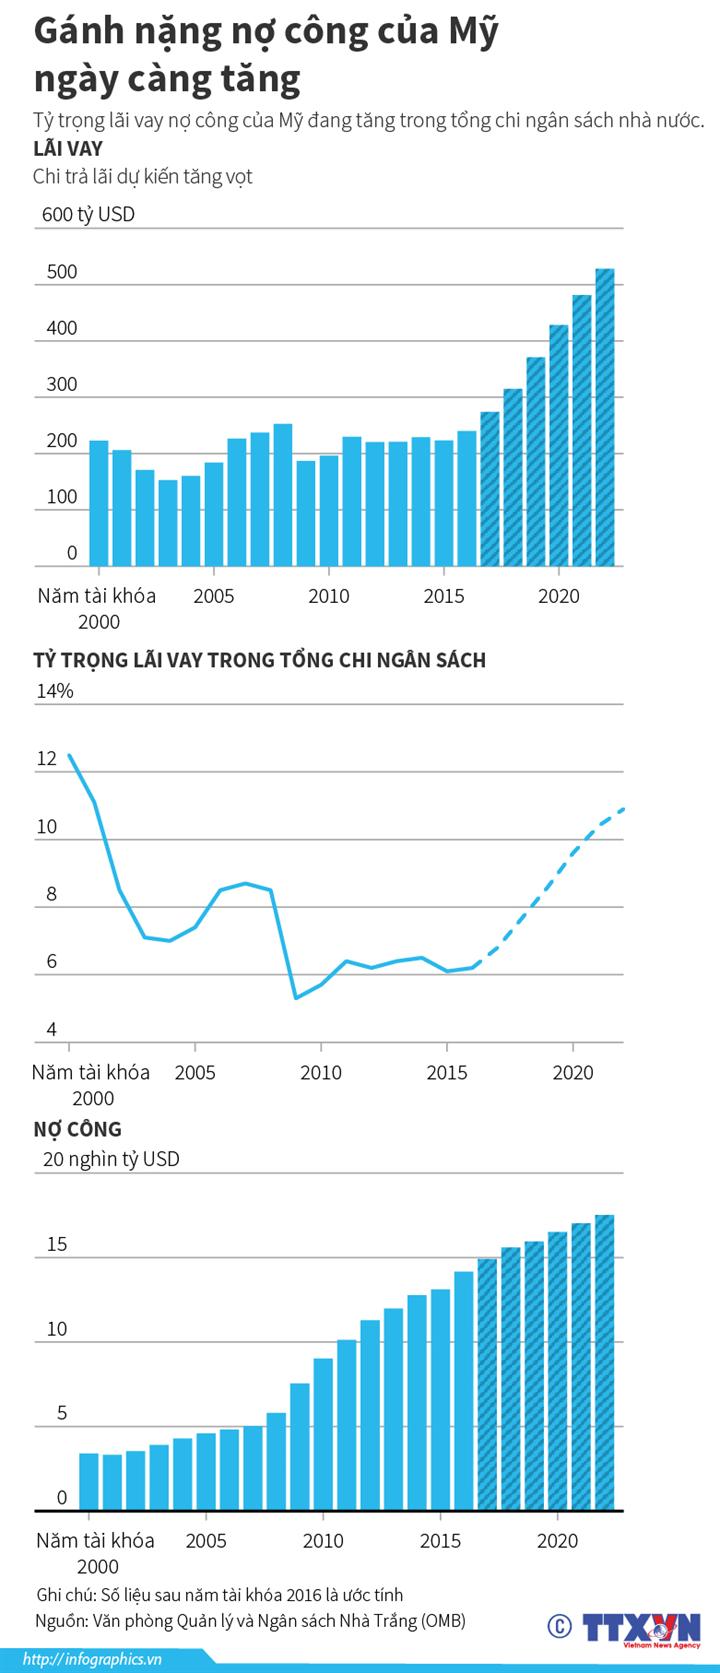 Gánh nặng nợ công của Mỹ ngày càng tăng